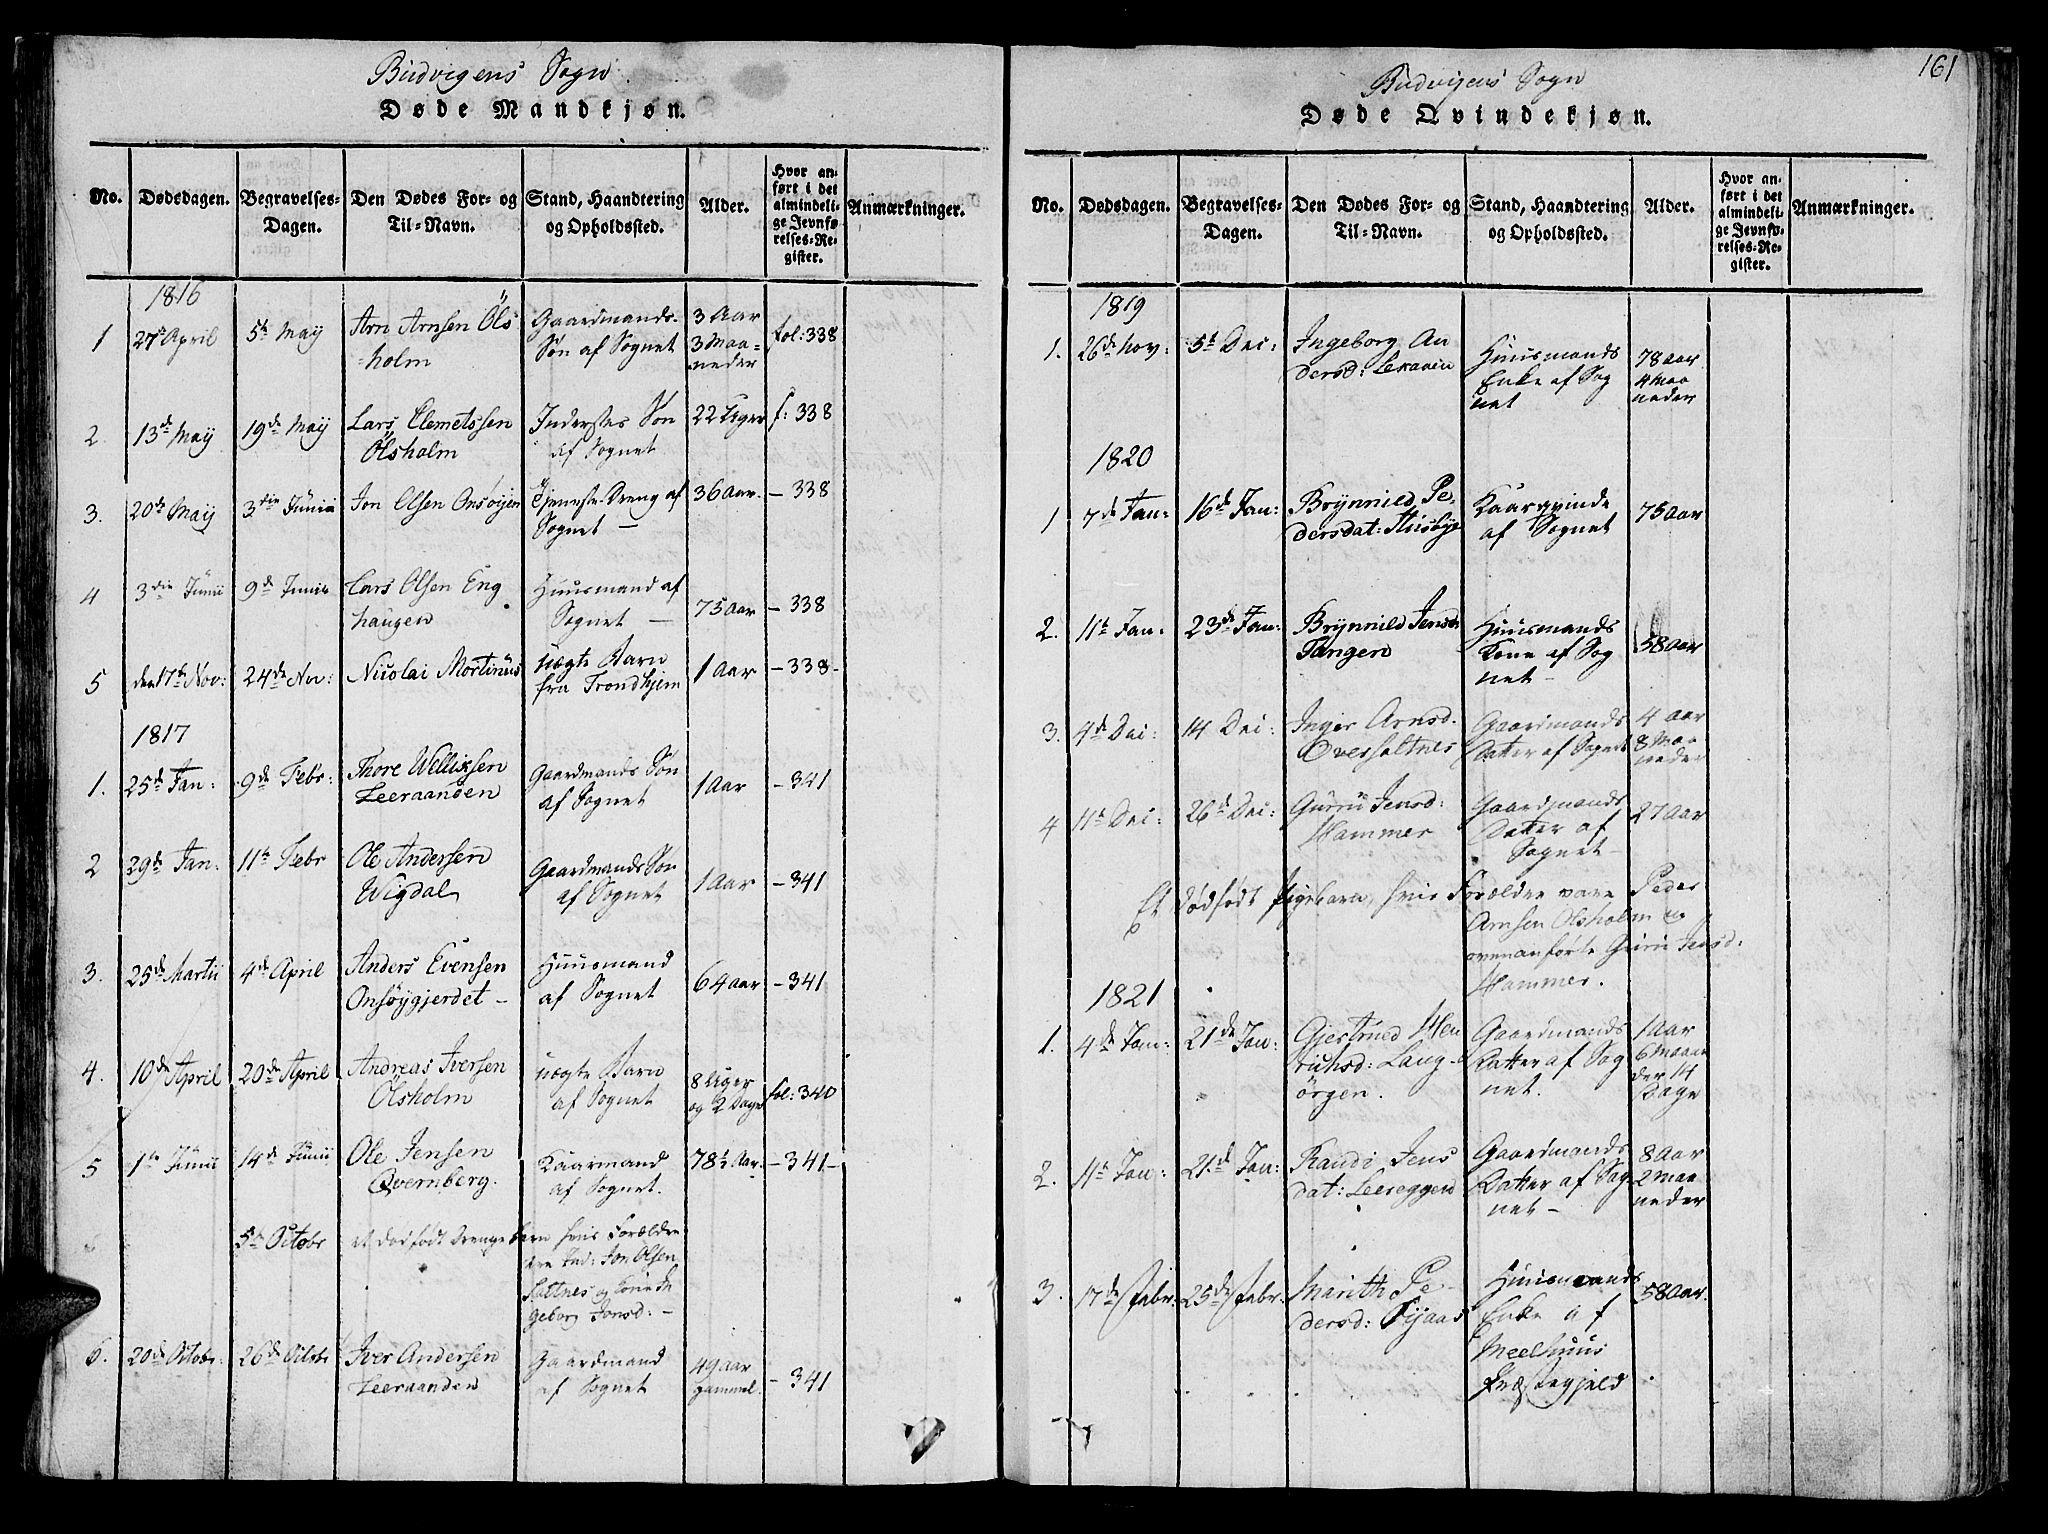 SAT, Ministerialprotokoller, klokkerbøker og fødselsregistre - Sør-Trøndelag, 612/L0373: Ministerialbok nr. 612A06 /2, 1816-1828, s. 161